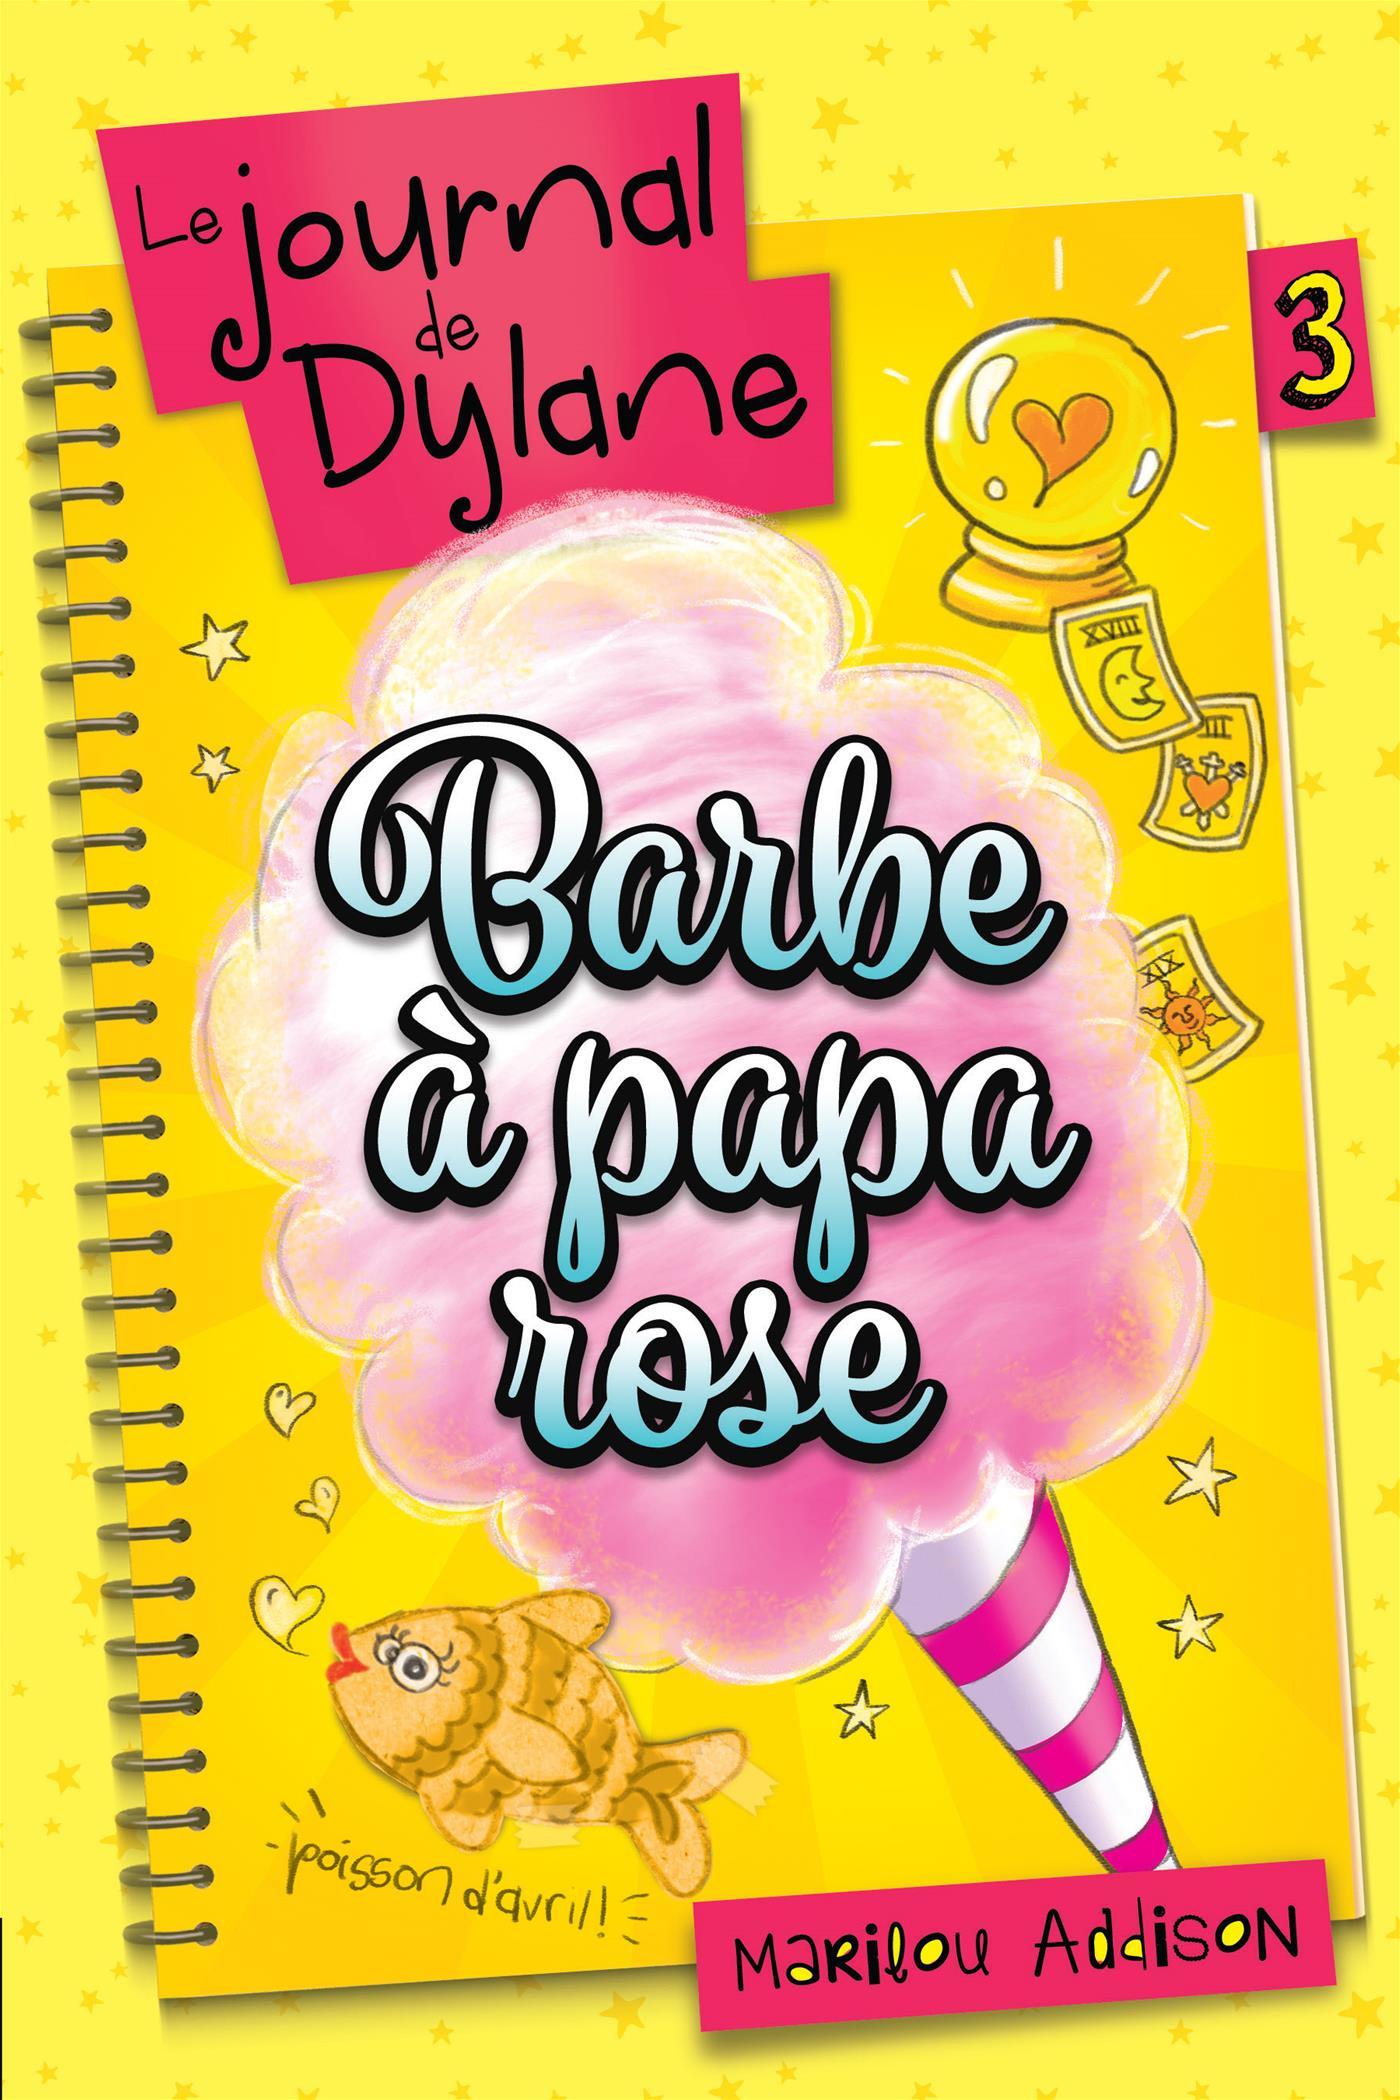 le journal de dylane t 3 barbe papa rose par marilou addison jeunesse romans 10 ans et. Black Bedroom Furniture Sets. Home Design Ideas